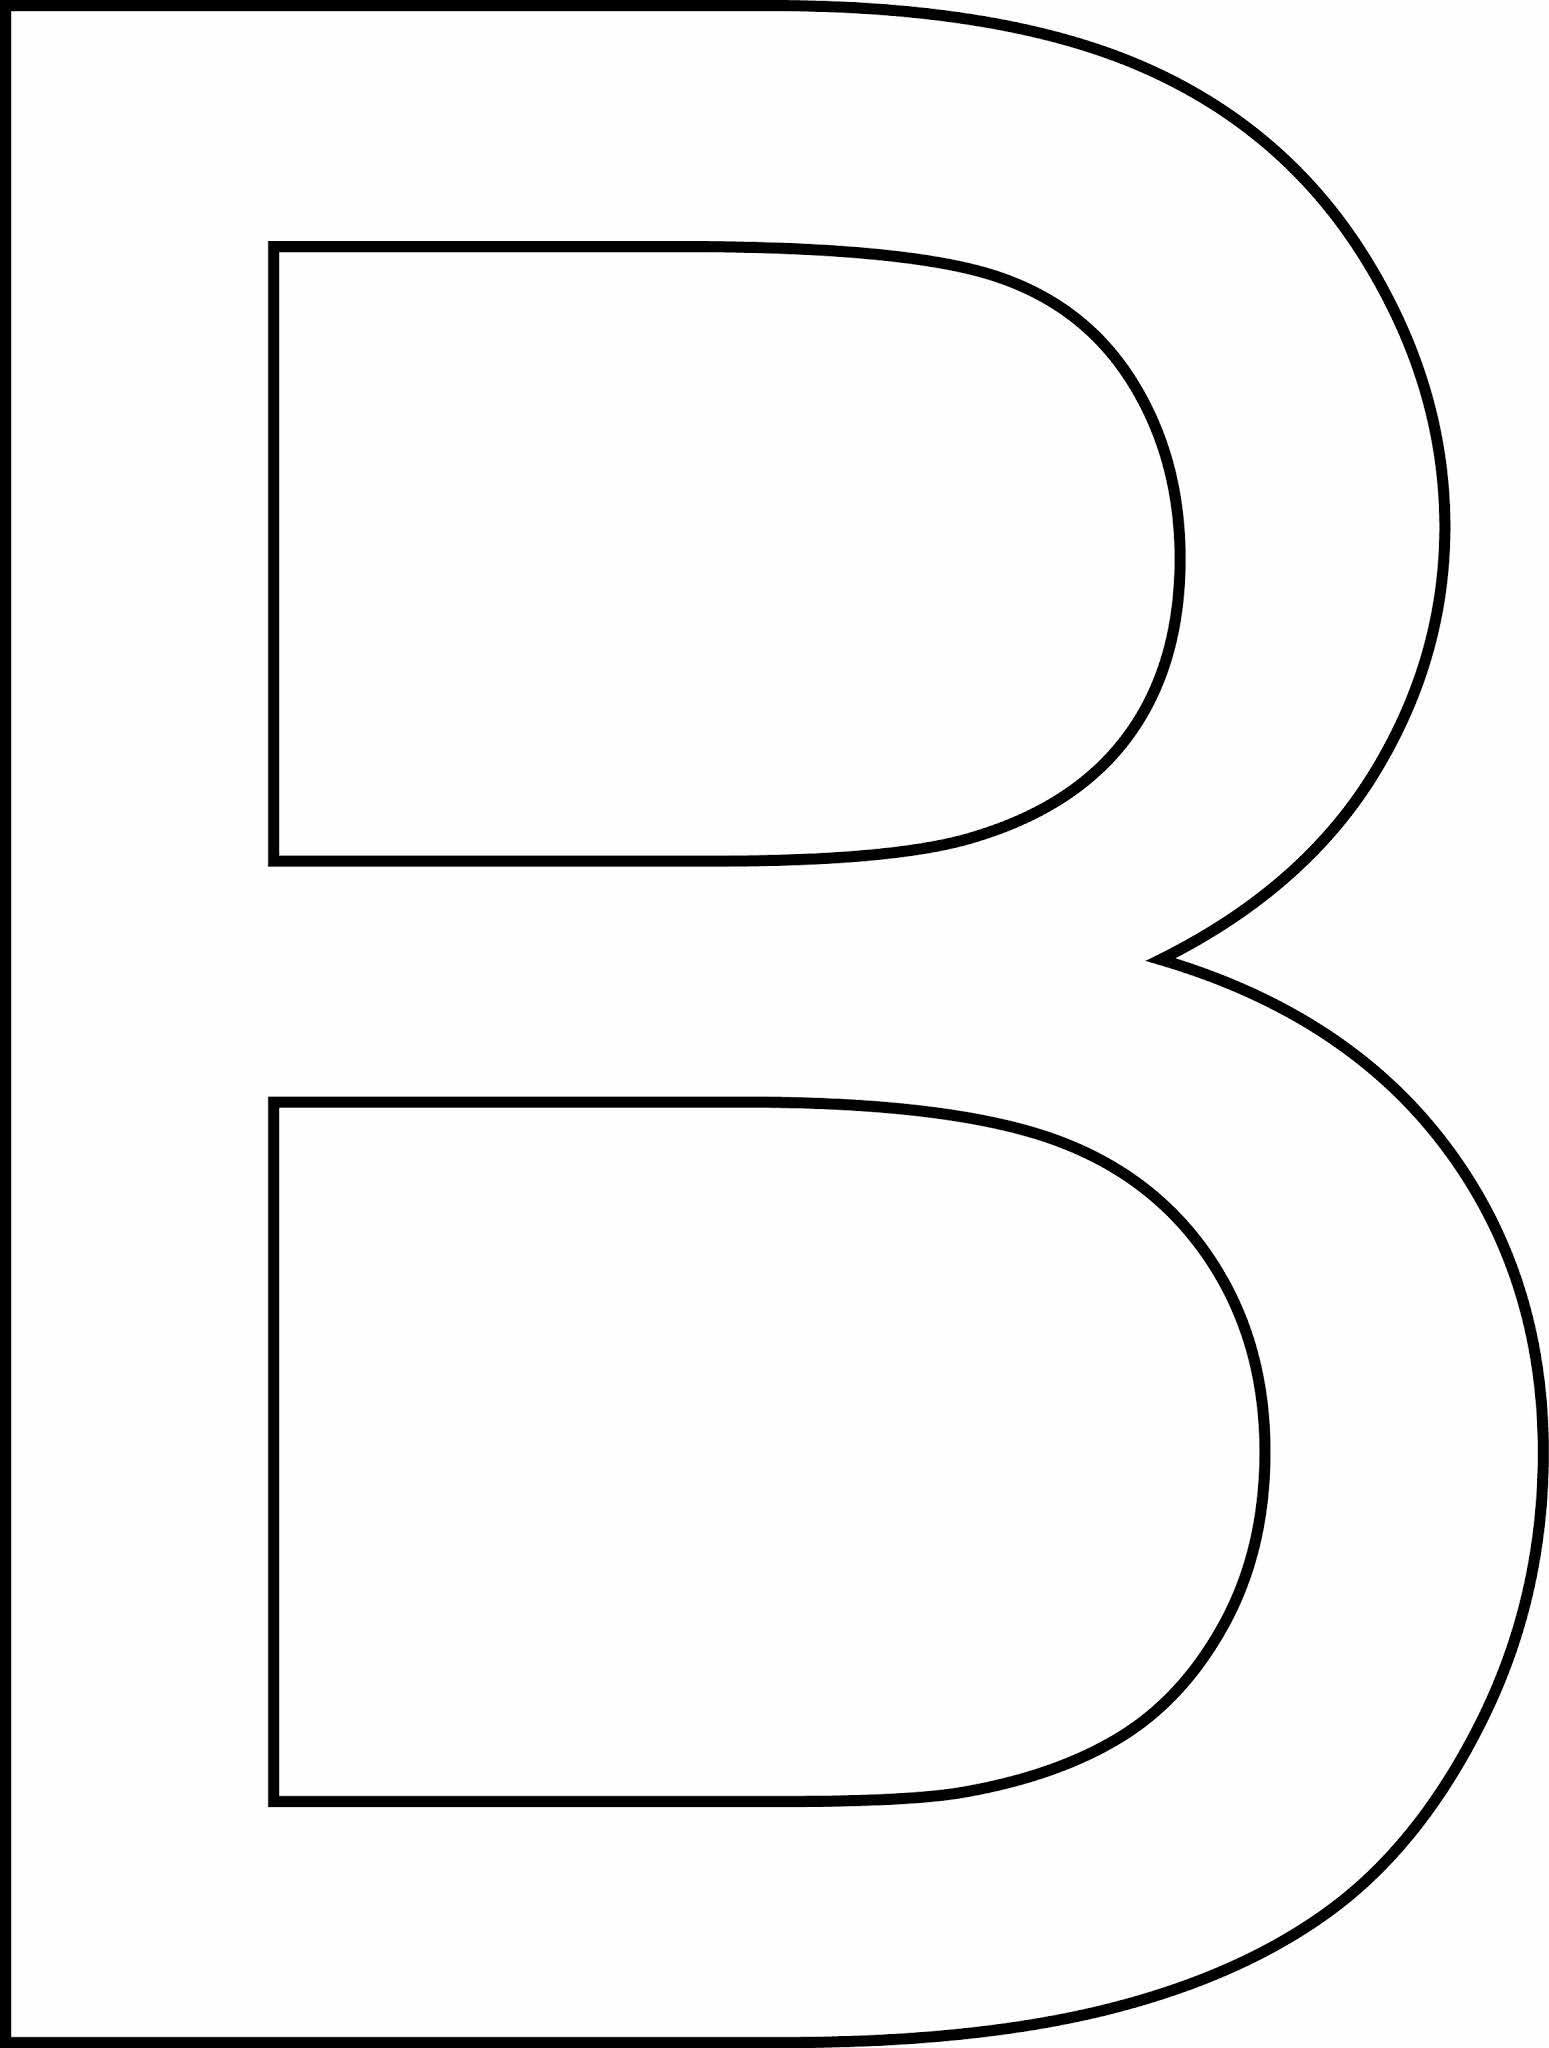 Letra b - maiúscula para imprimir